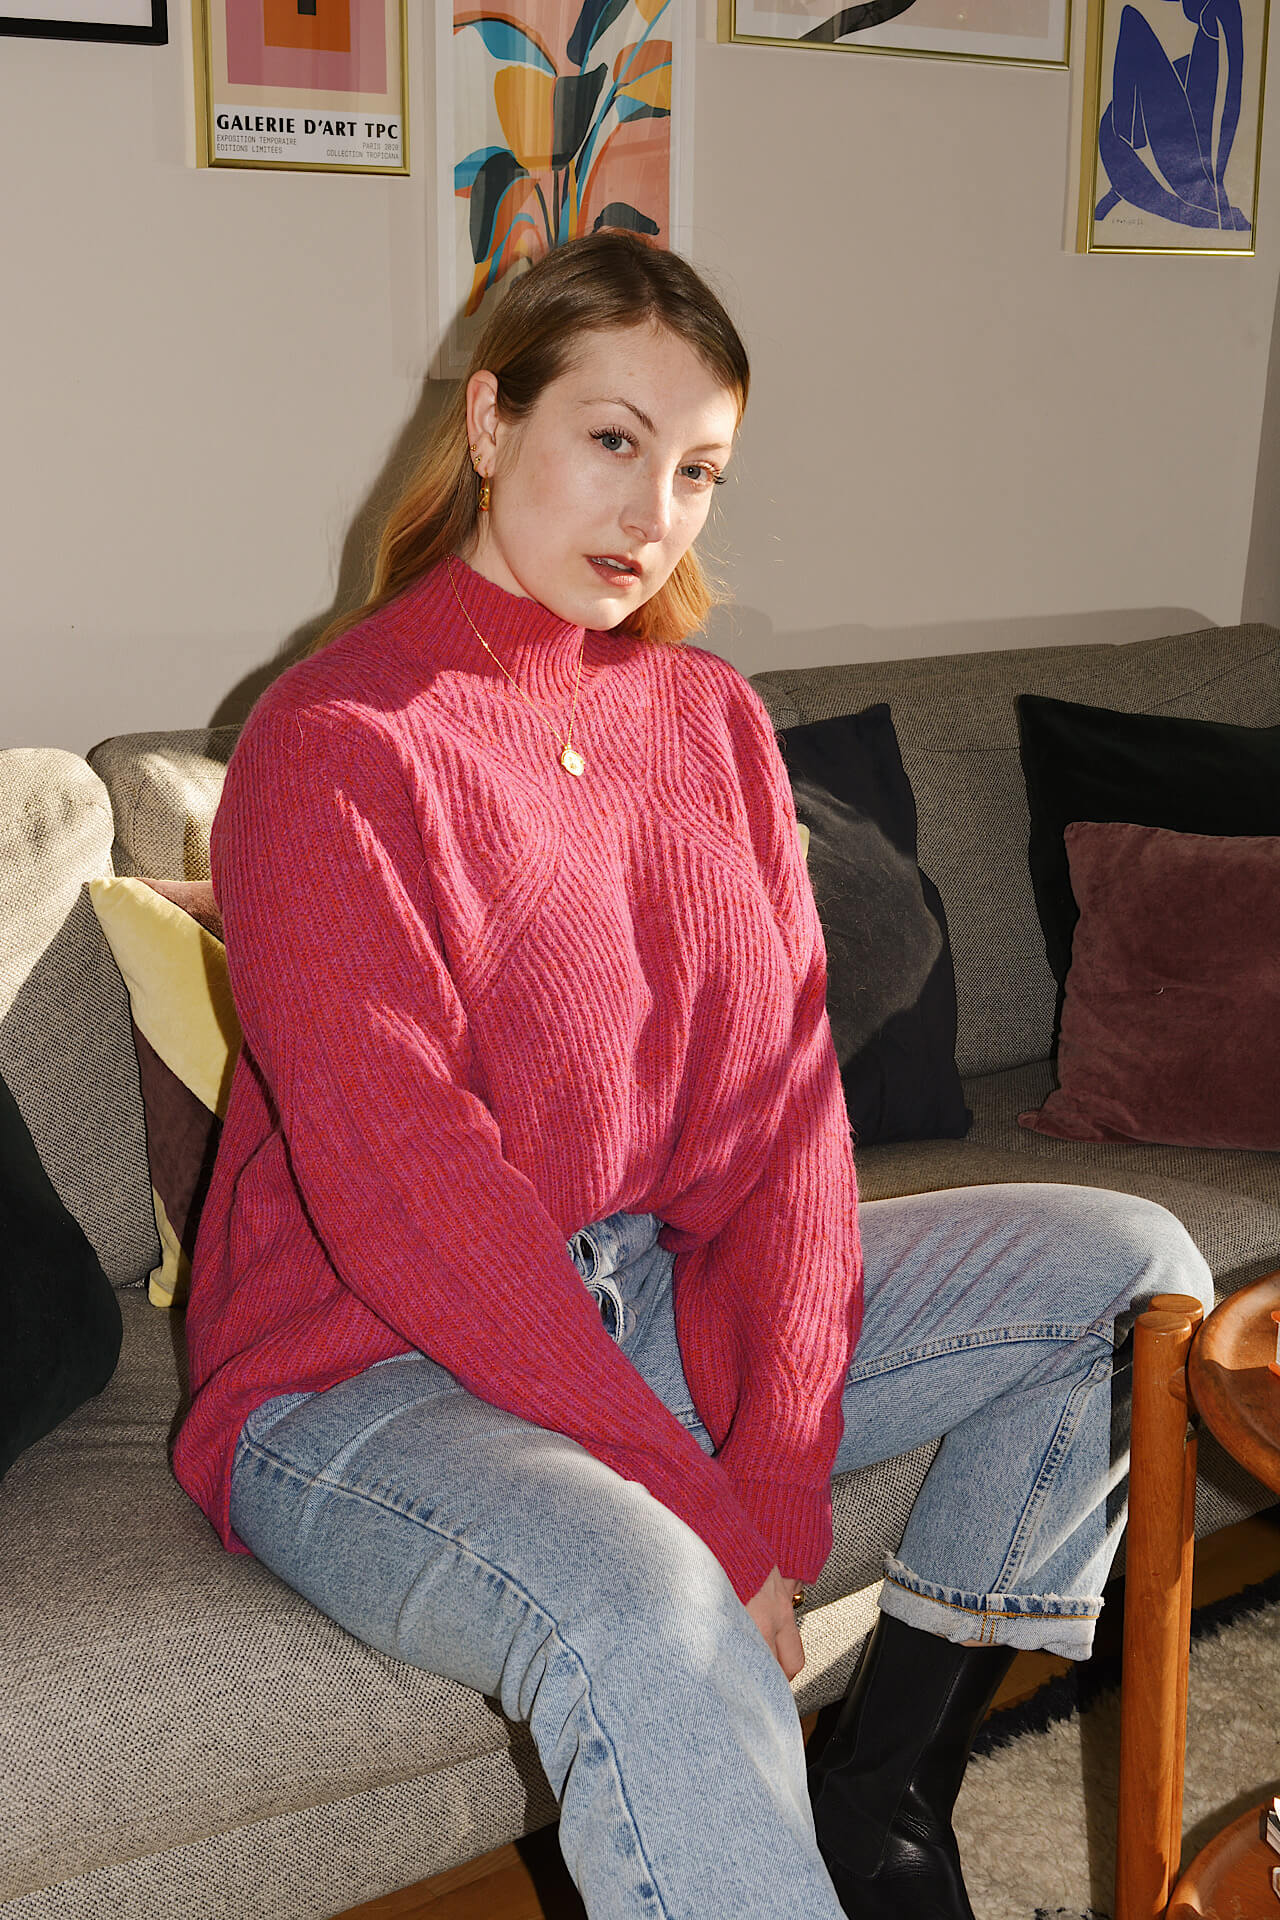 Sweater Weather Trends So kombiniere ich Stehkragen Pullover richtig